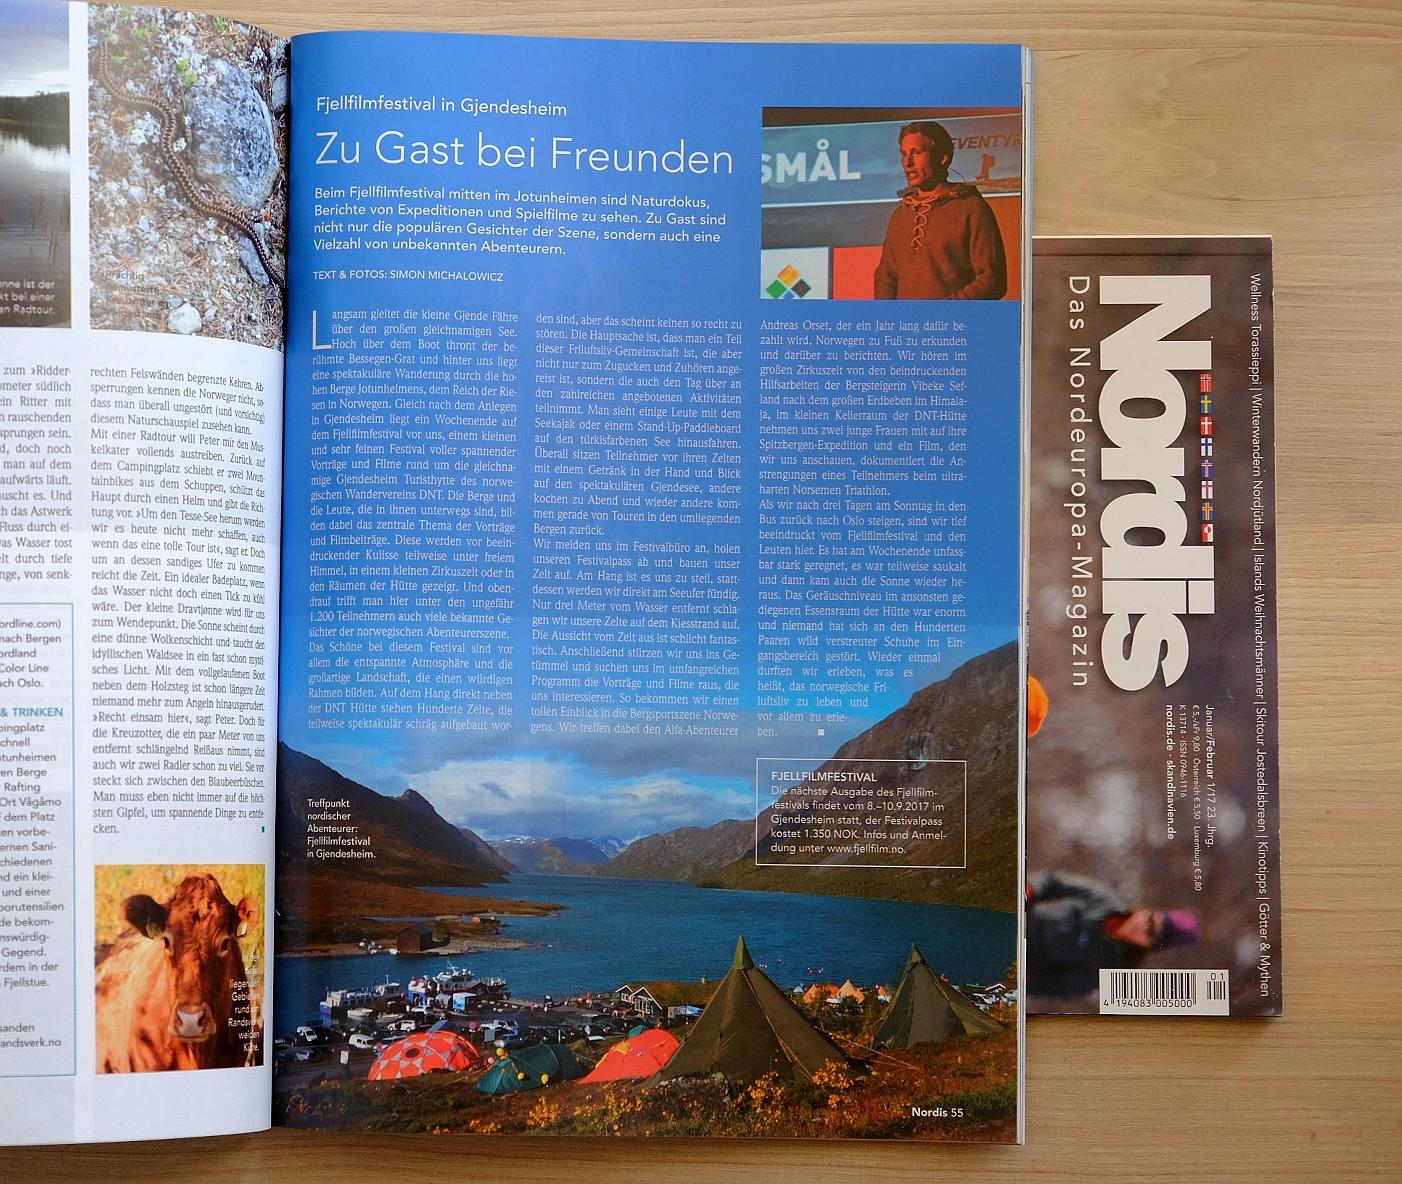 Zu Gast bei Freunden – das Fjellfilmfestival im Nordis Magazin